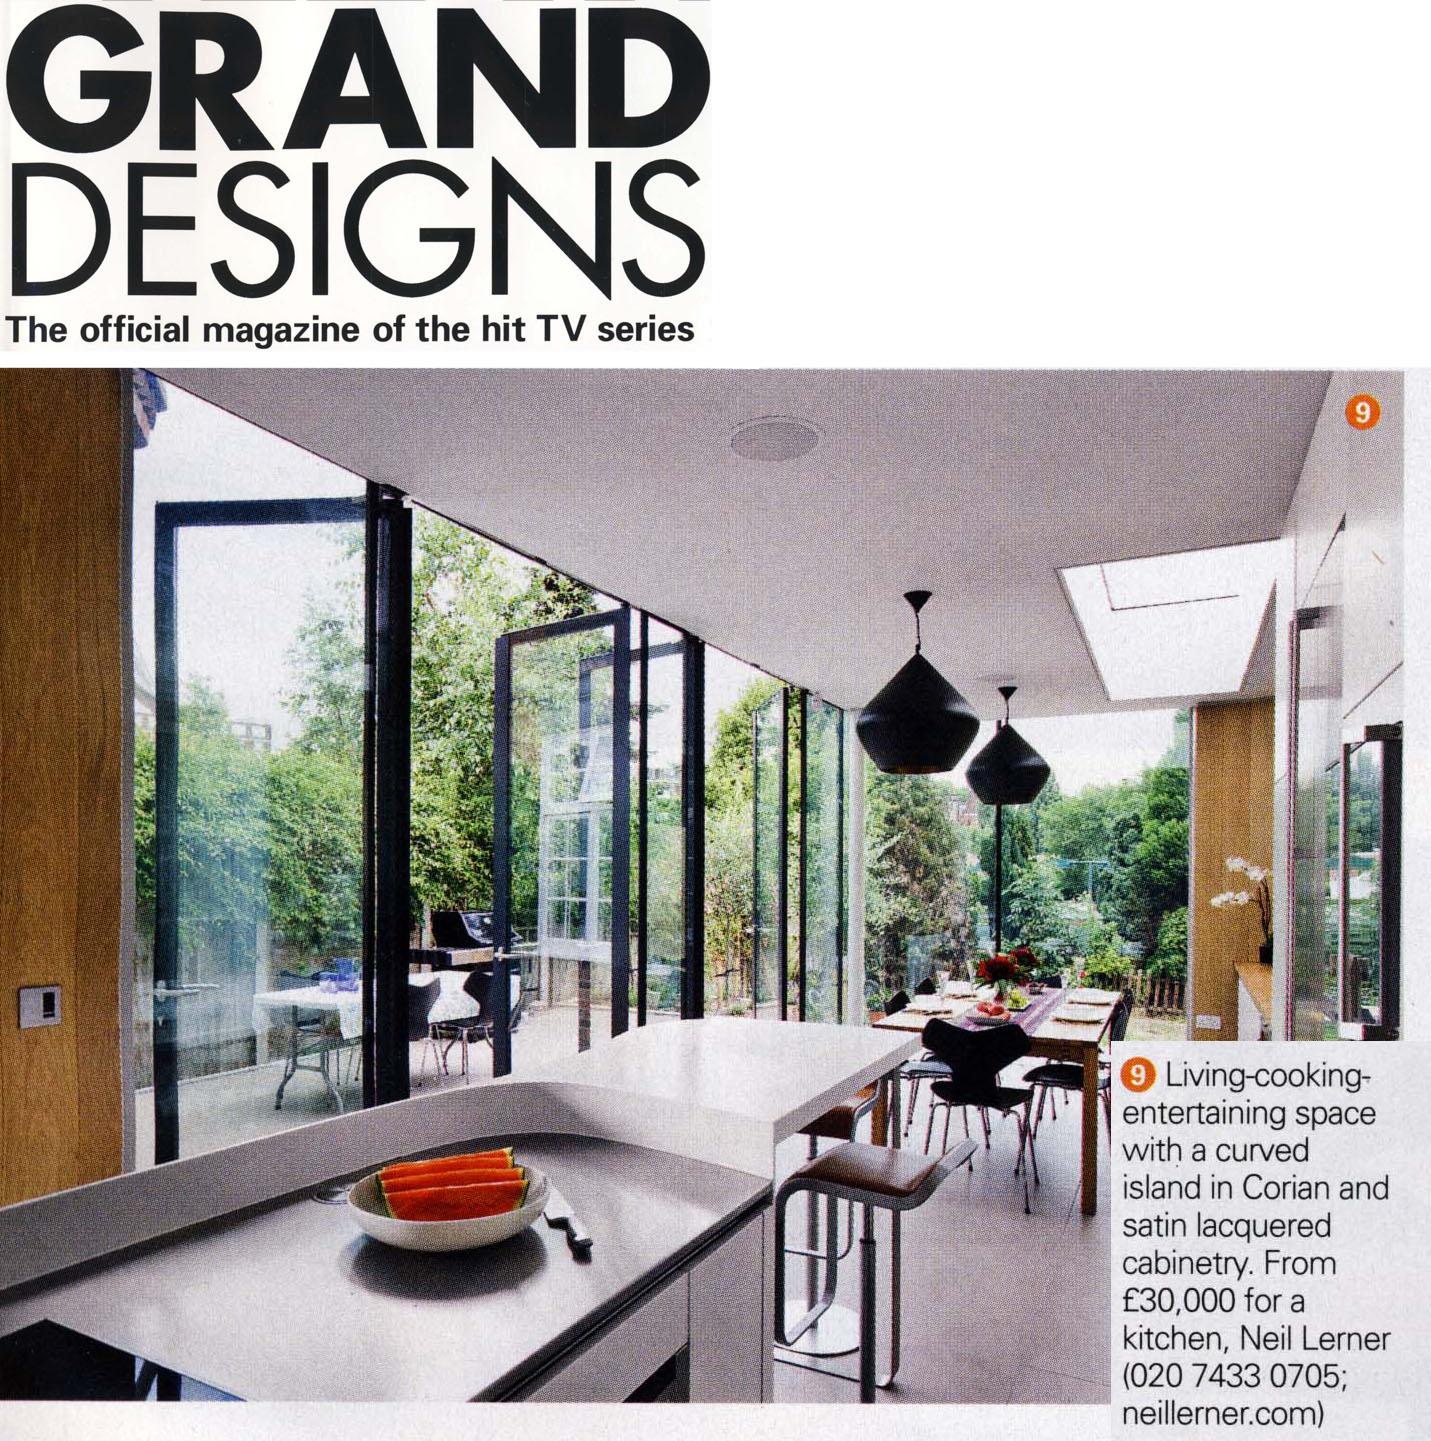 Grand Designs Kitchens: Neil Lerner Kitchen Designs